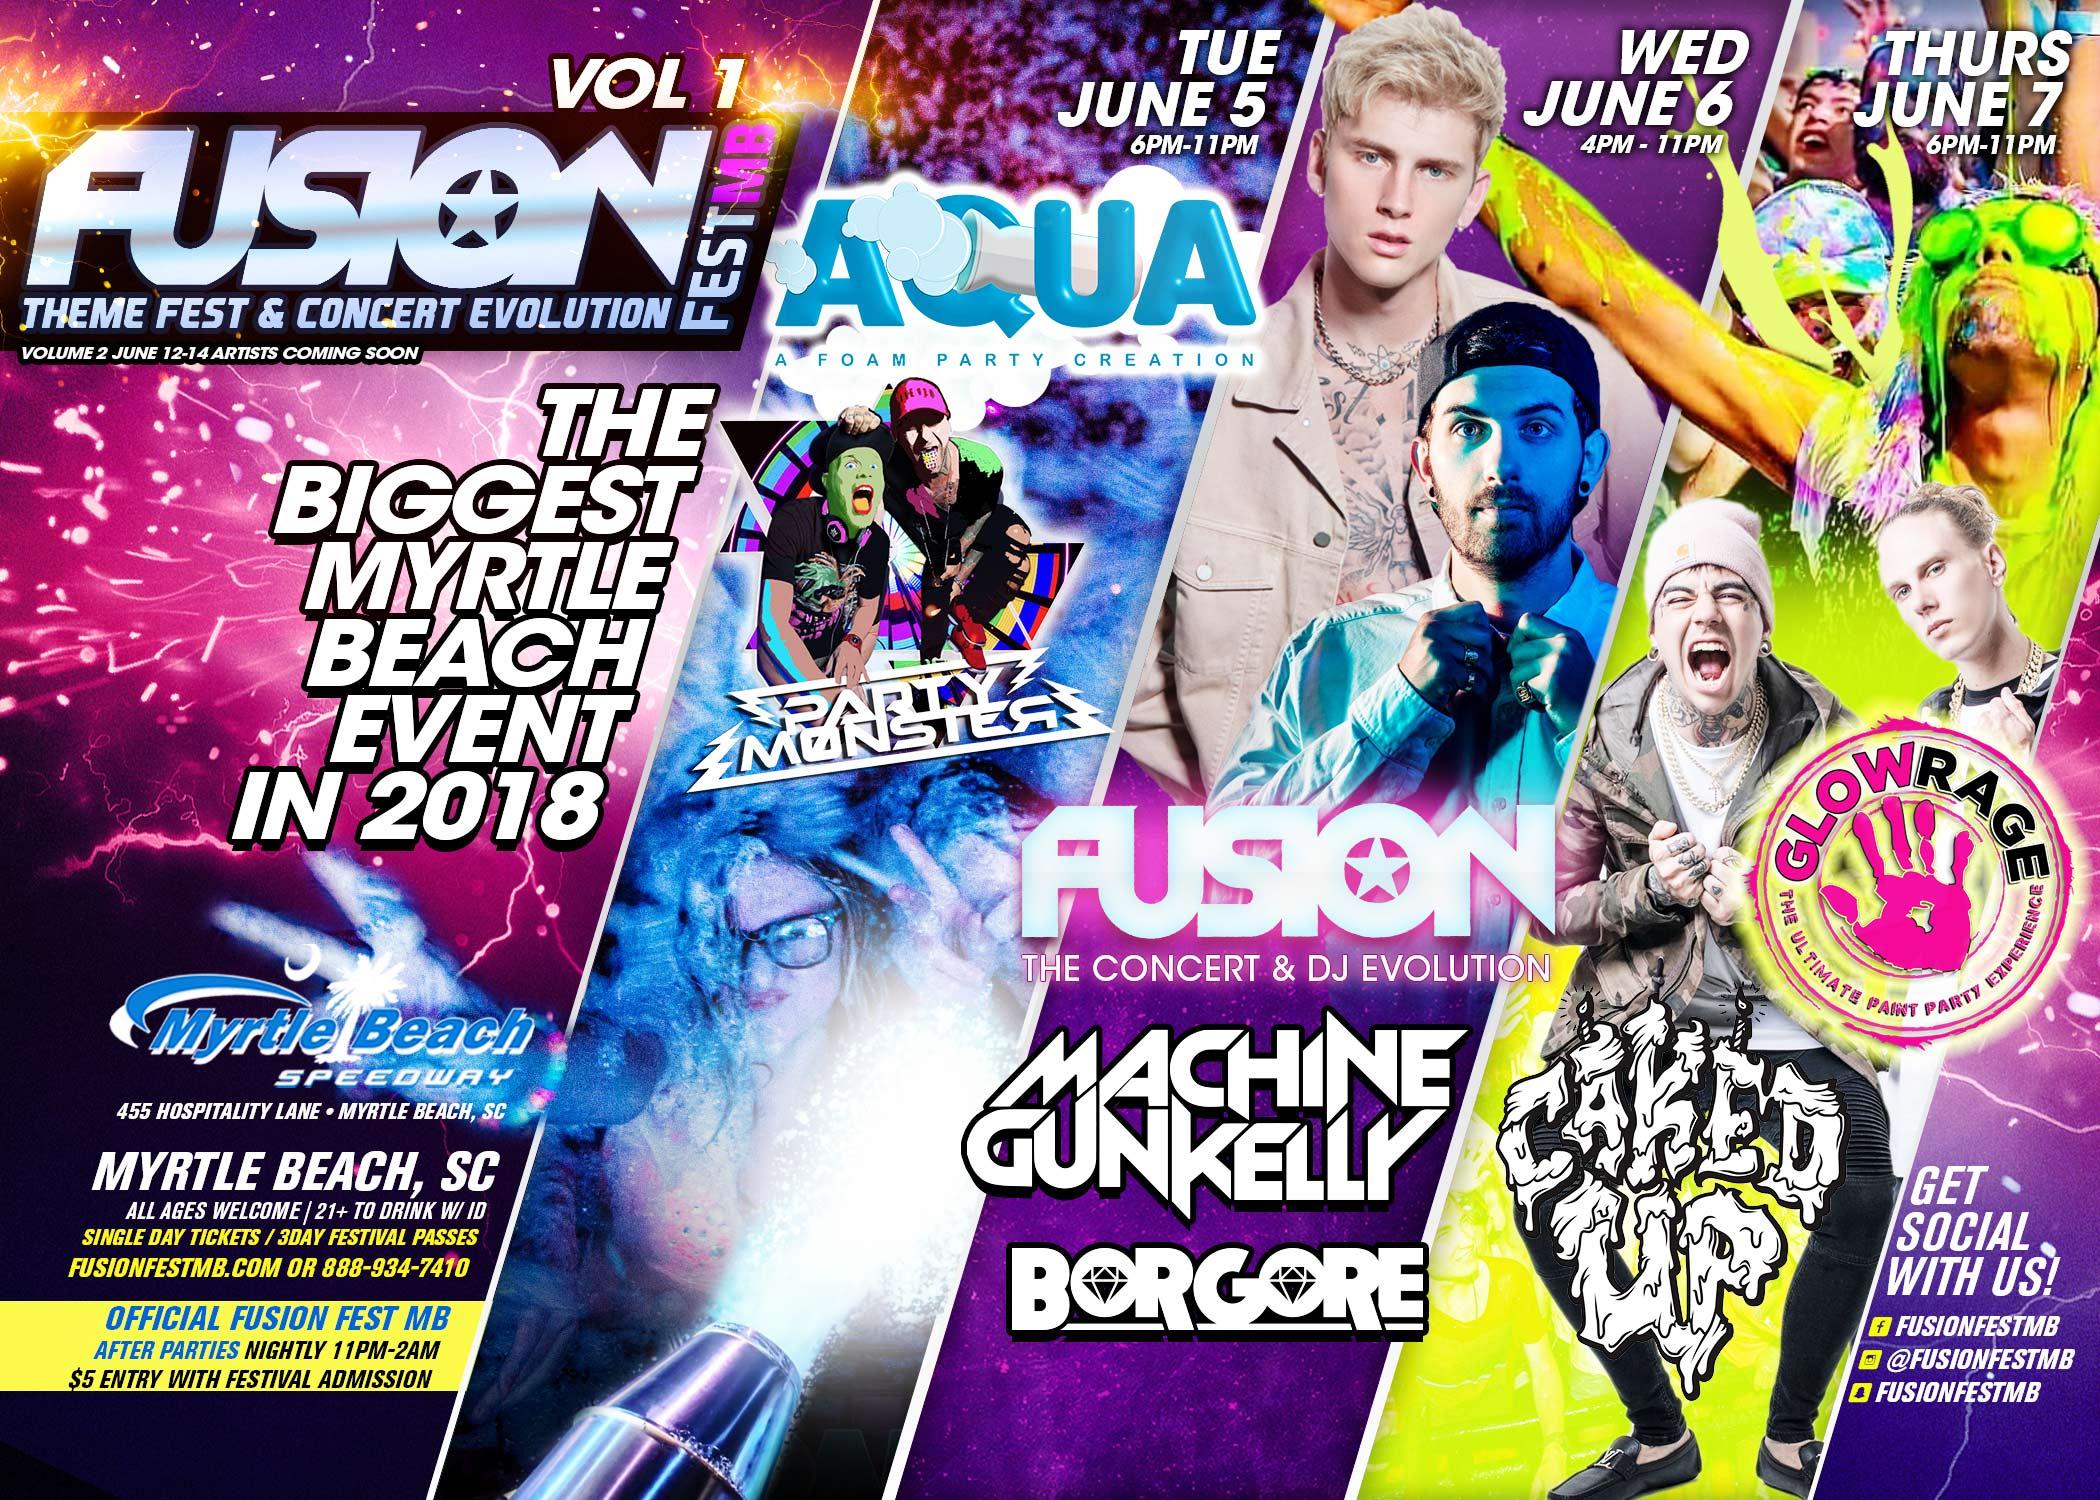 Machine Gun Kelly - Live in Myrtle Beach - June 6, 2018